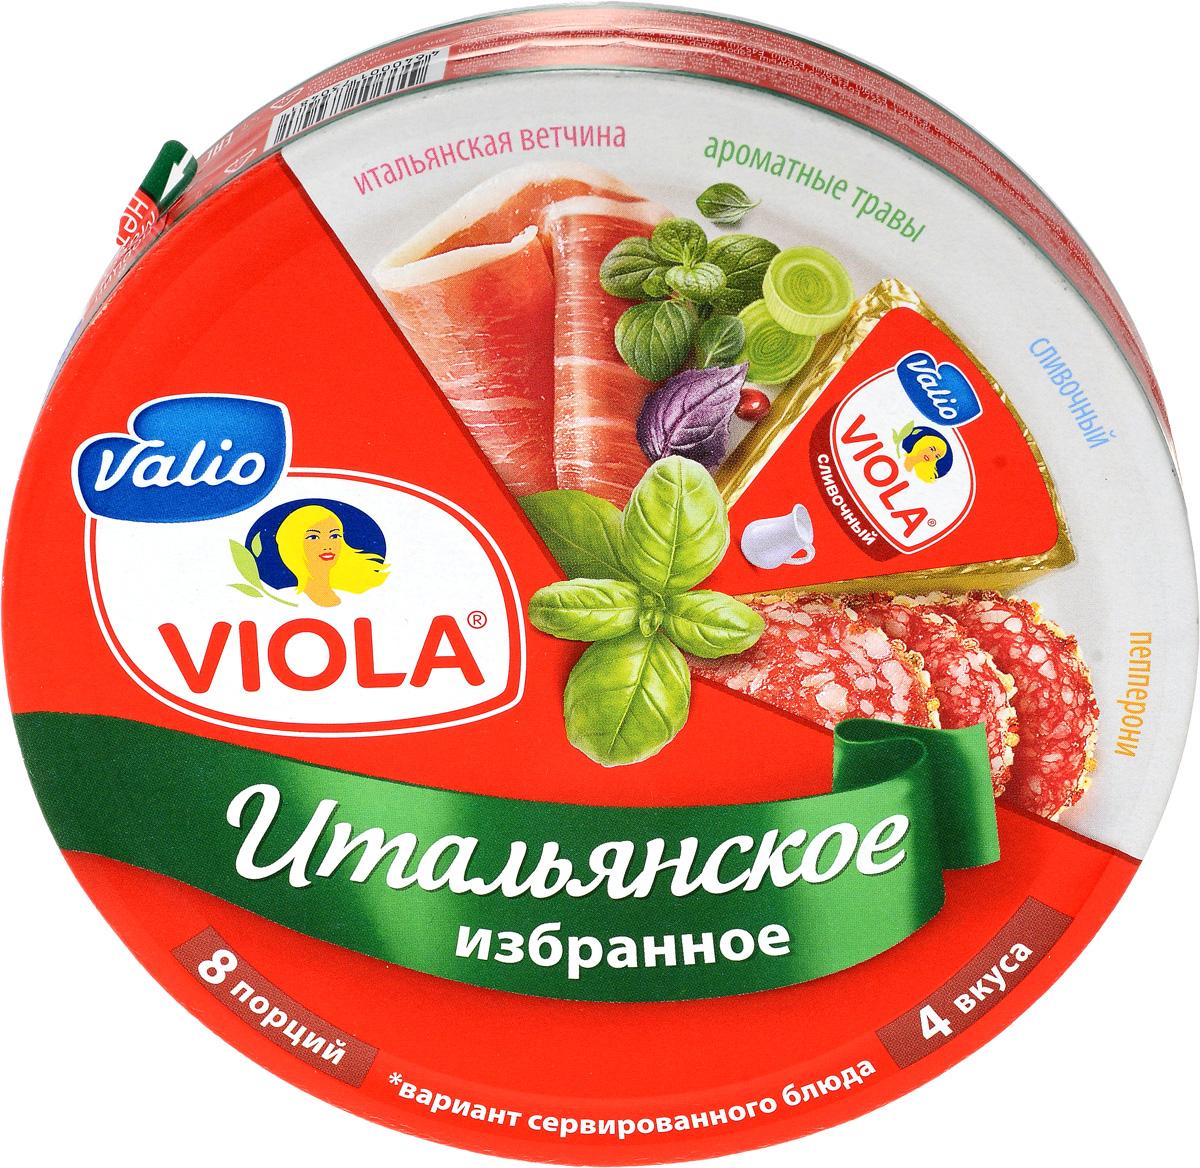 Valio Viola Сыр Итальянское избранное, ассорти, плавленый, 130 г алина александровна исаева александрович избранное